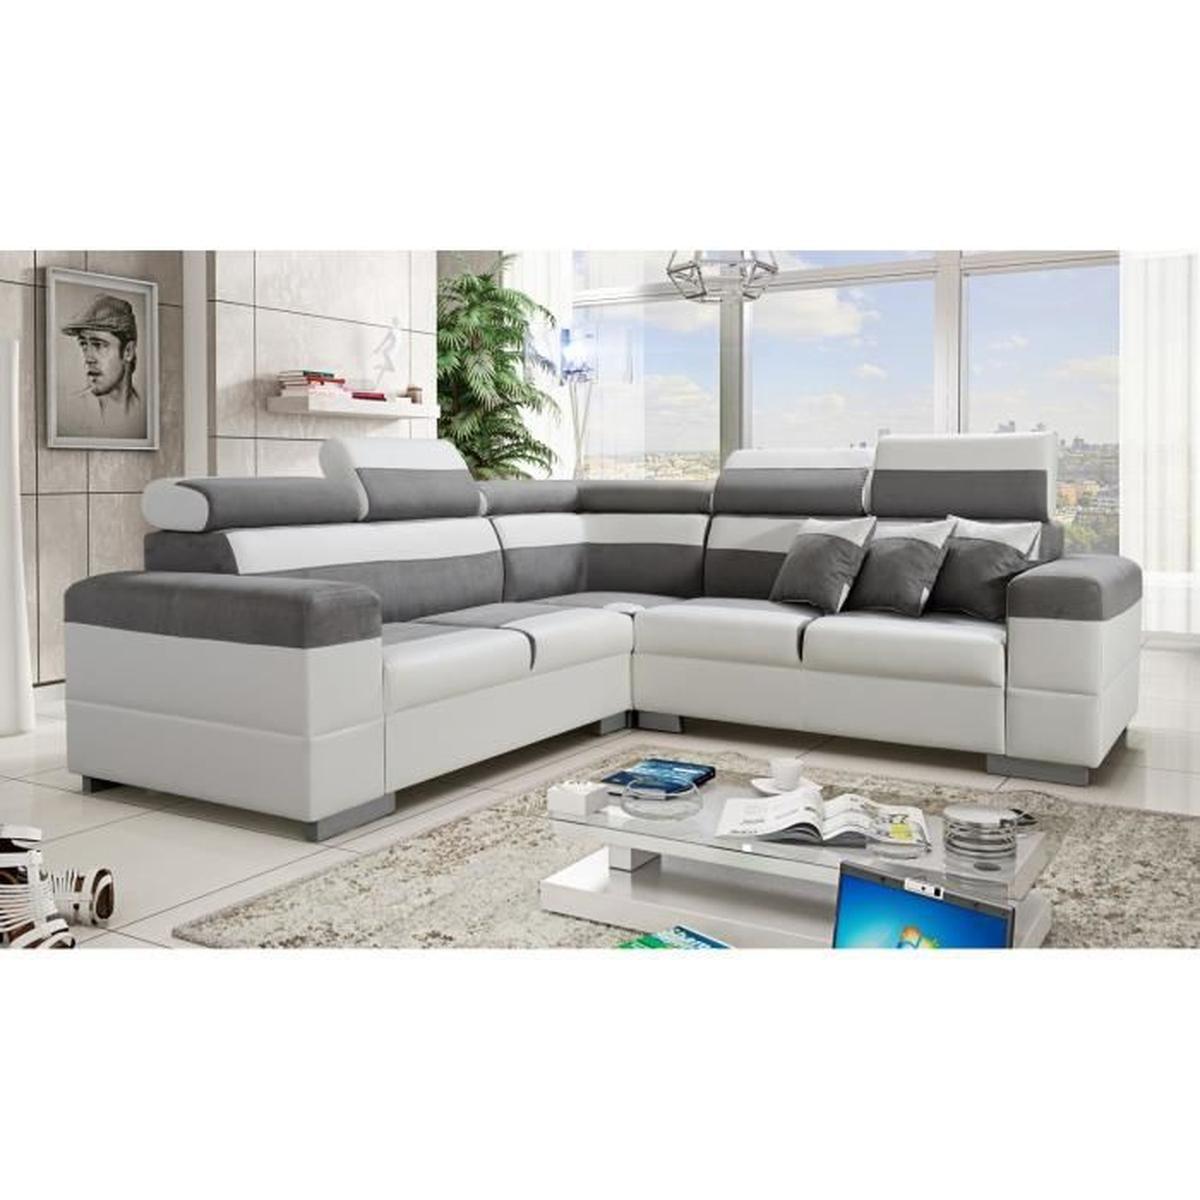 Canapé d angle Colorado gris et blanc avec têtières